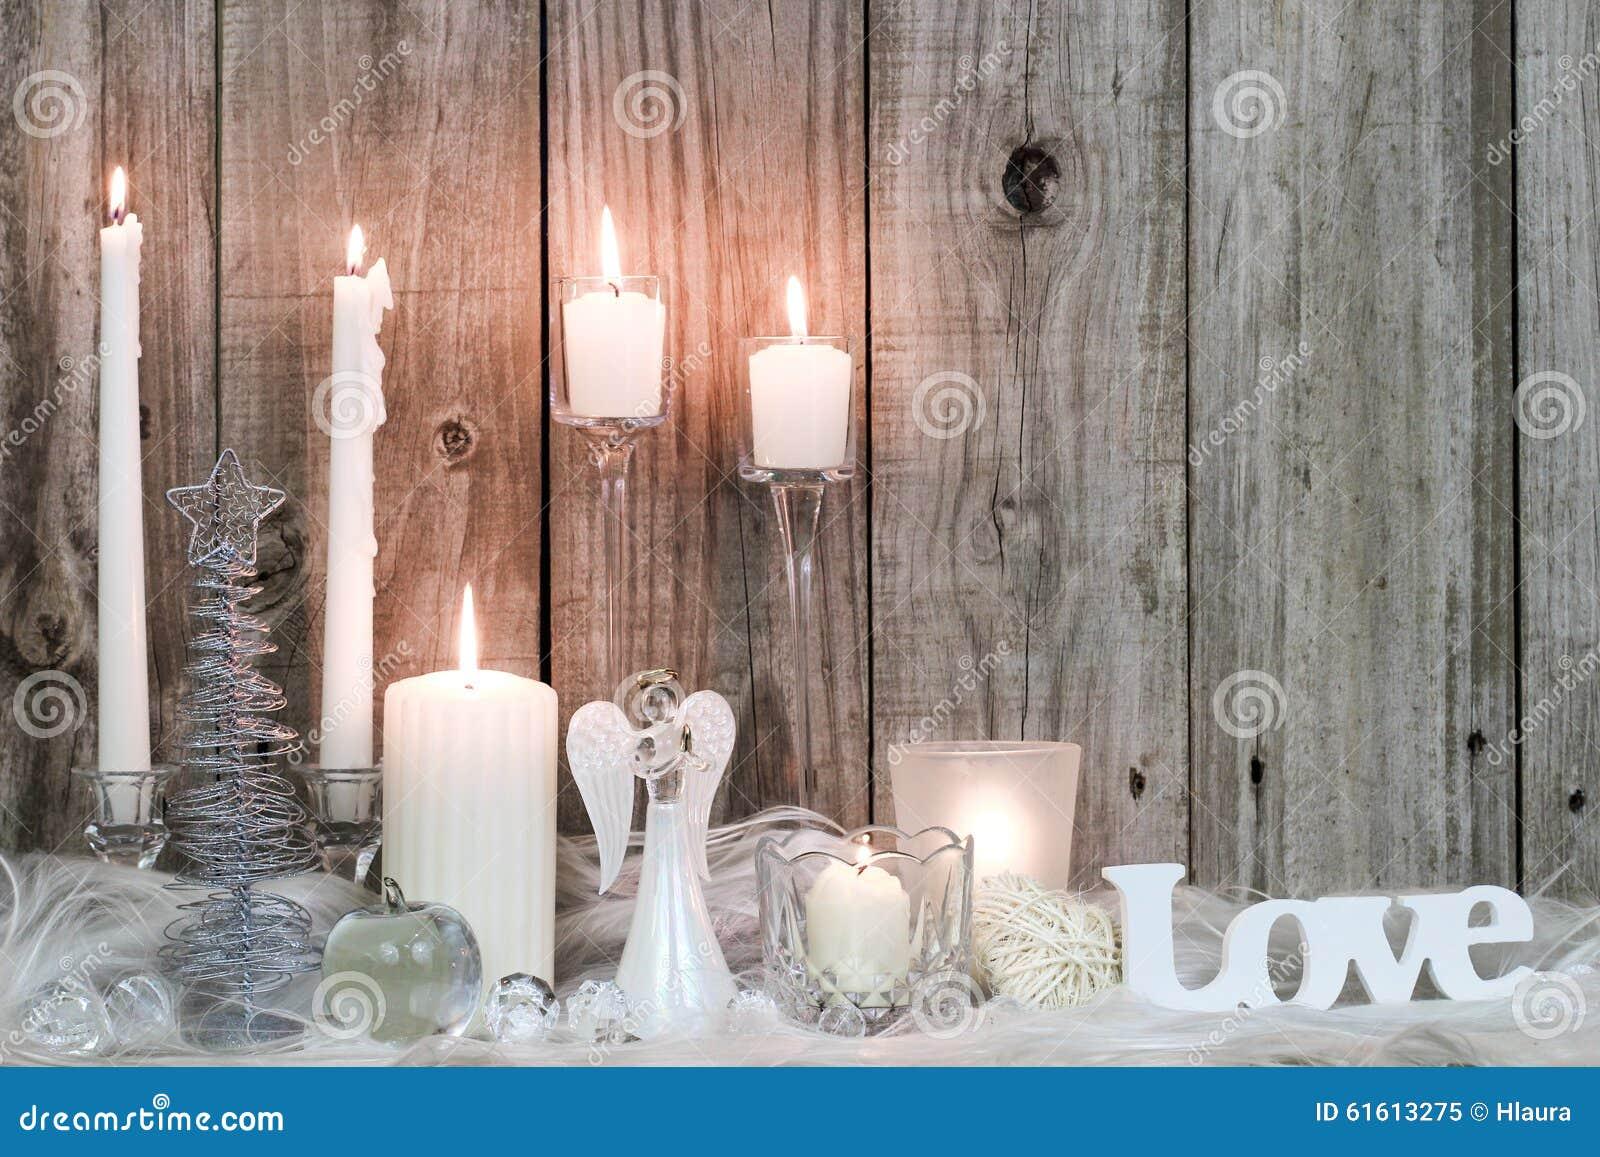 Decorazioni e candele di natale da fondo di legno immagine - Decorazioni in legno per natale ...